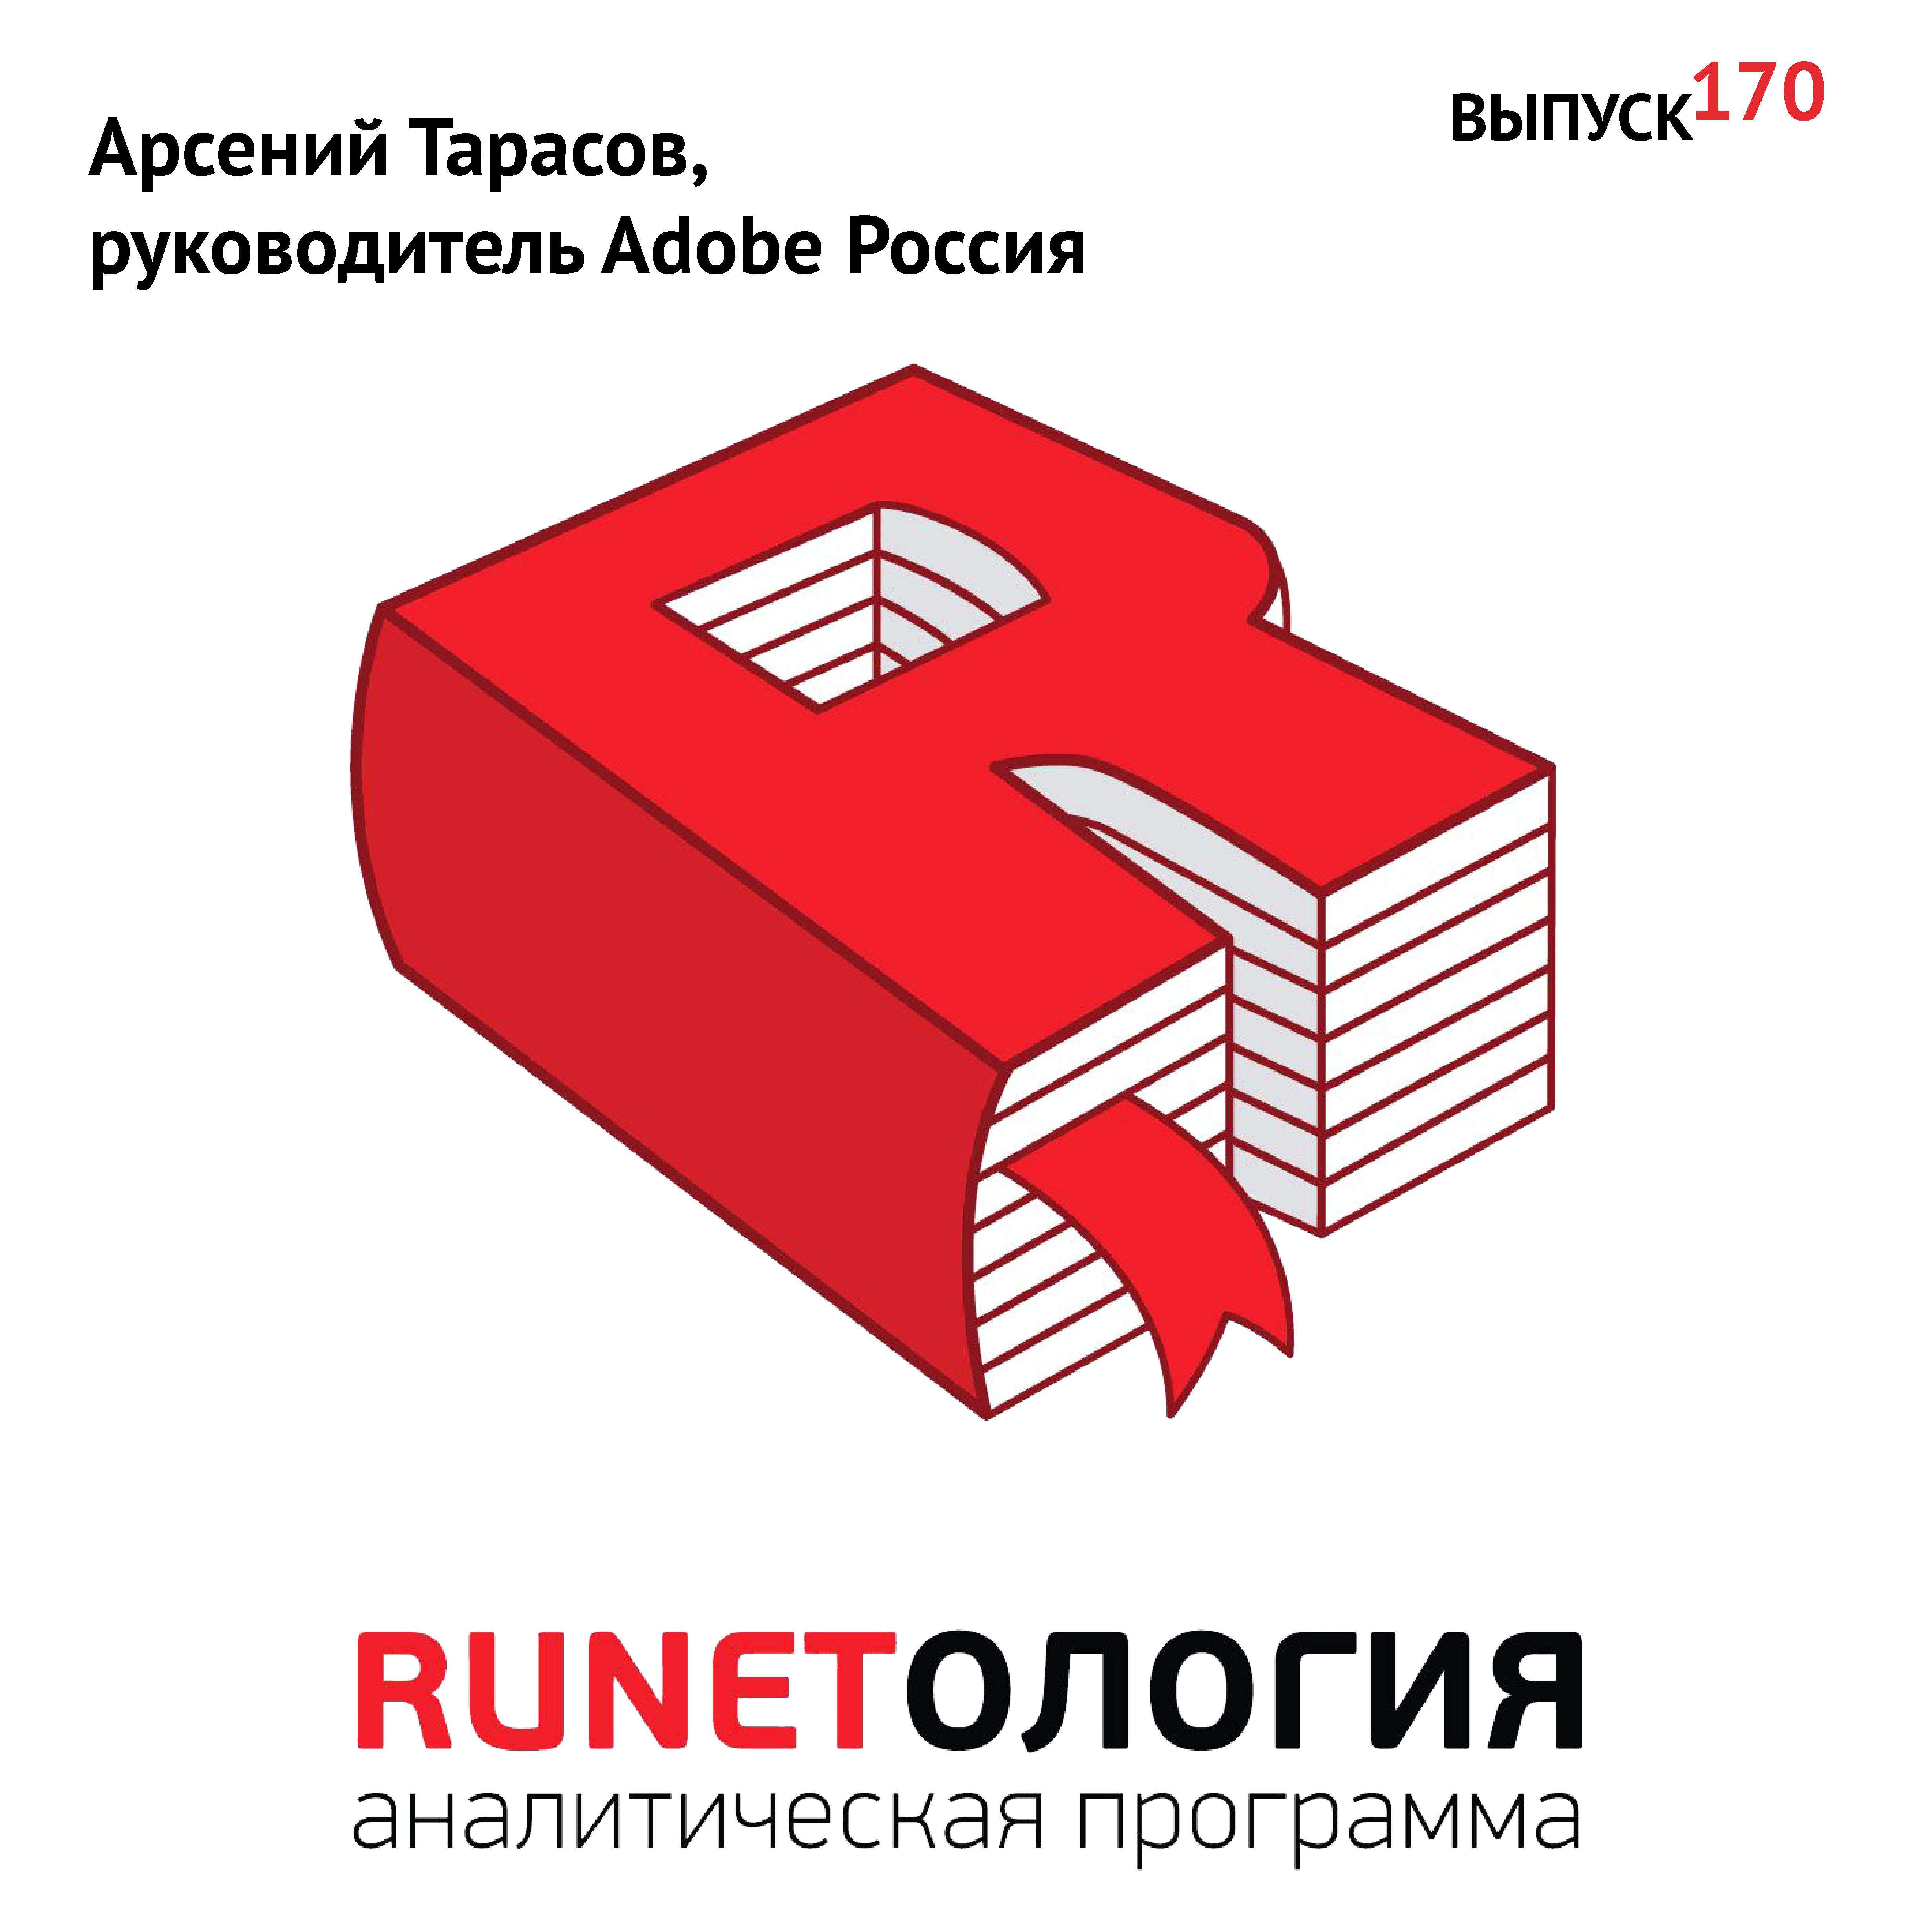 Максим Спиридонов Арсений Тарасов, руководитель Adobe Россия андрей тарасов условное осуждение по законодательству россии